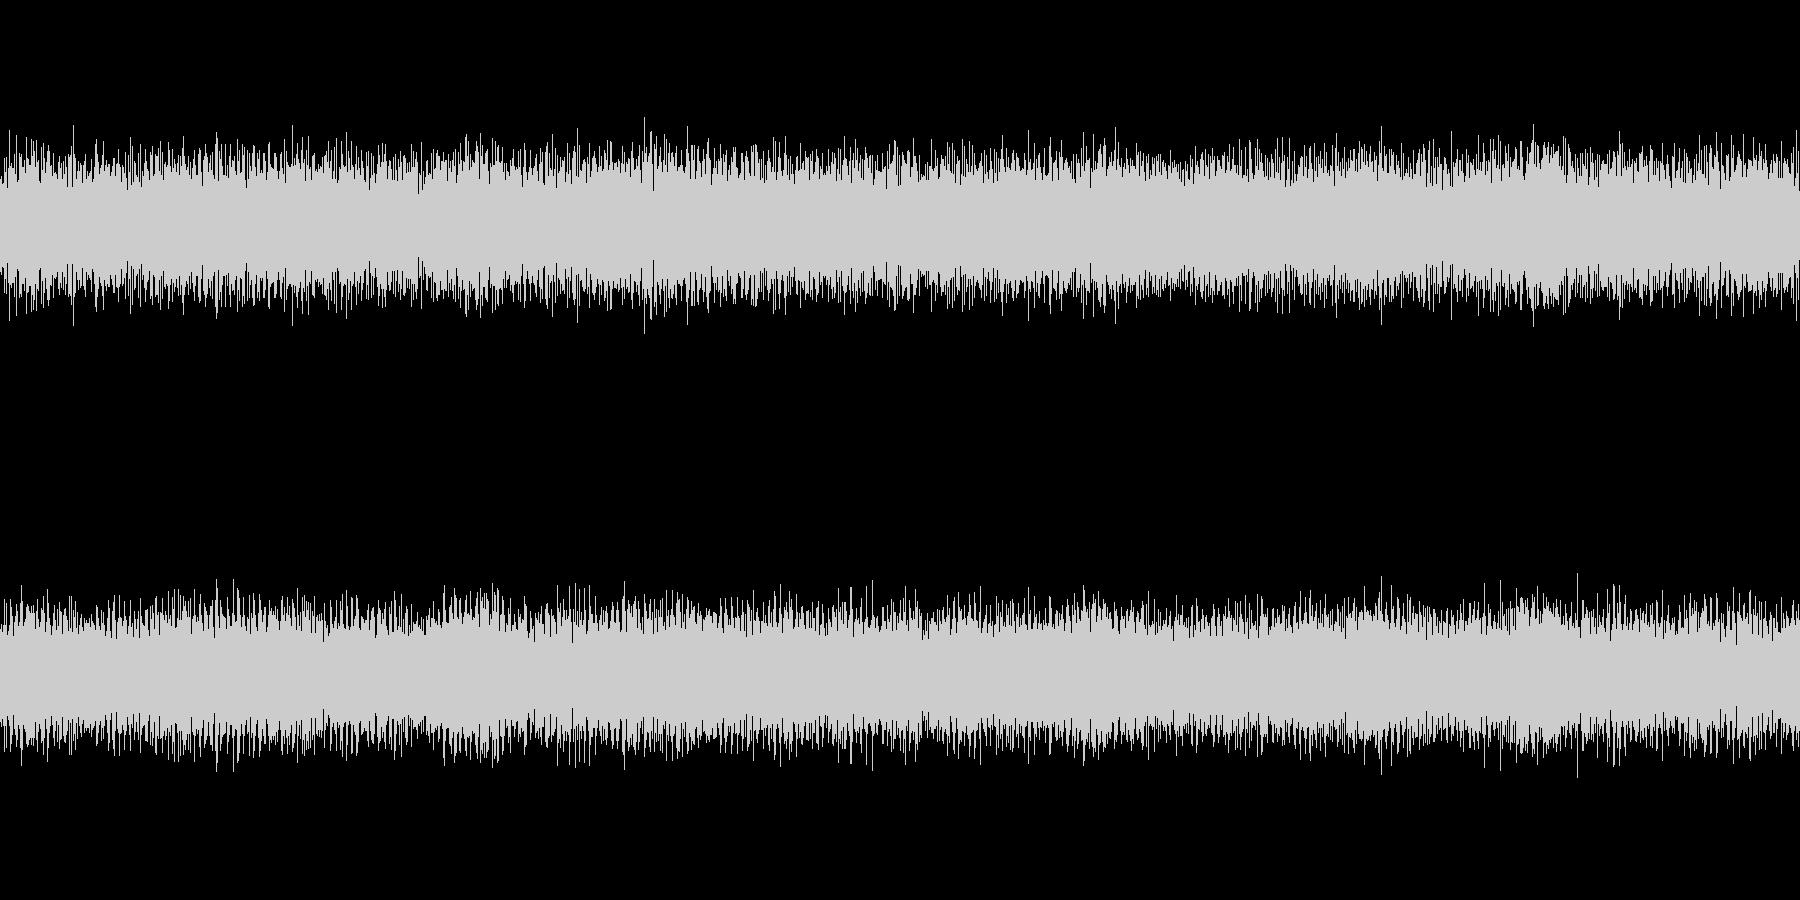 ノイズアンビエント系のホラー曲の未再生の波形